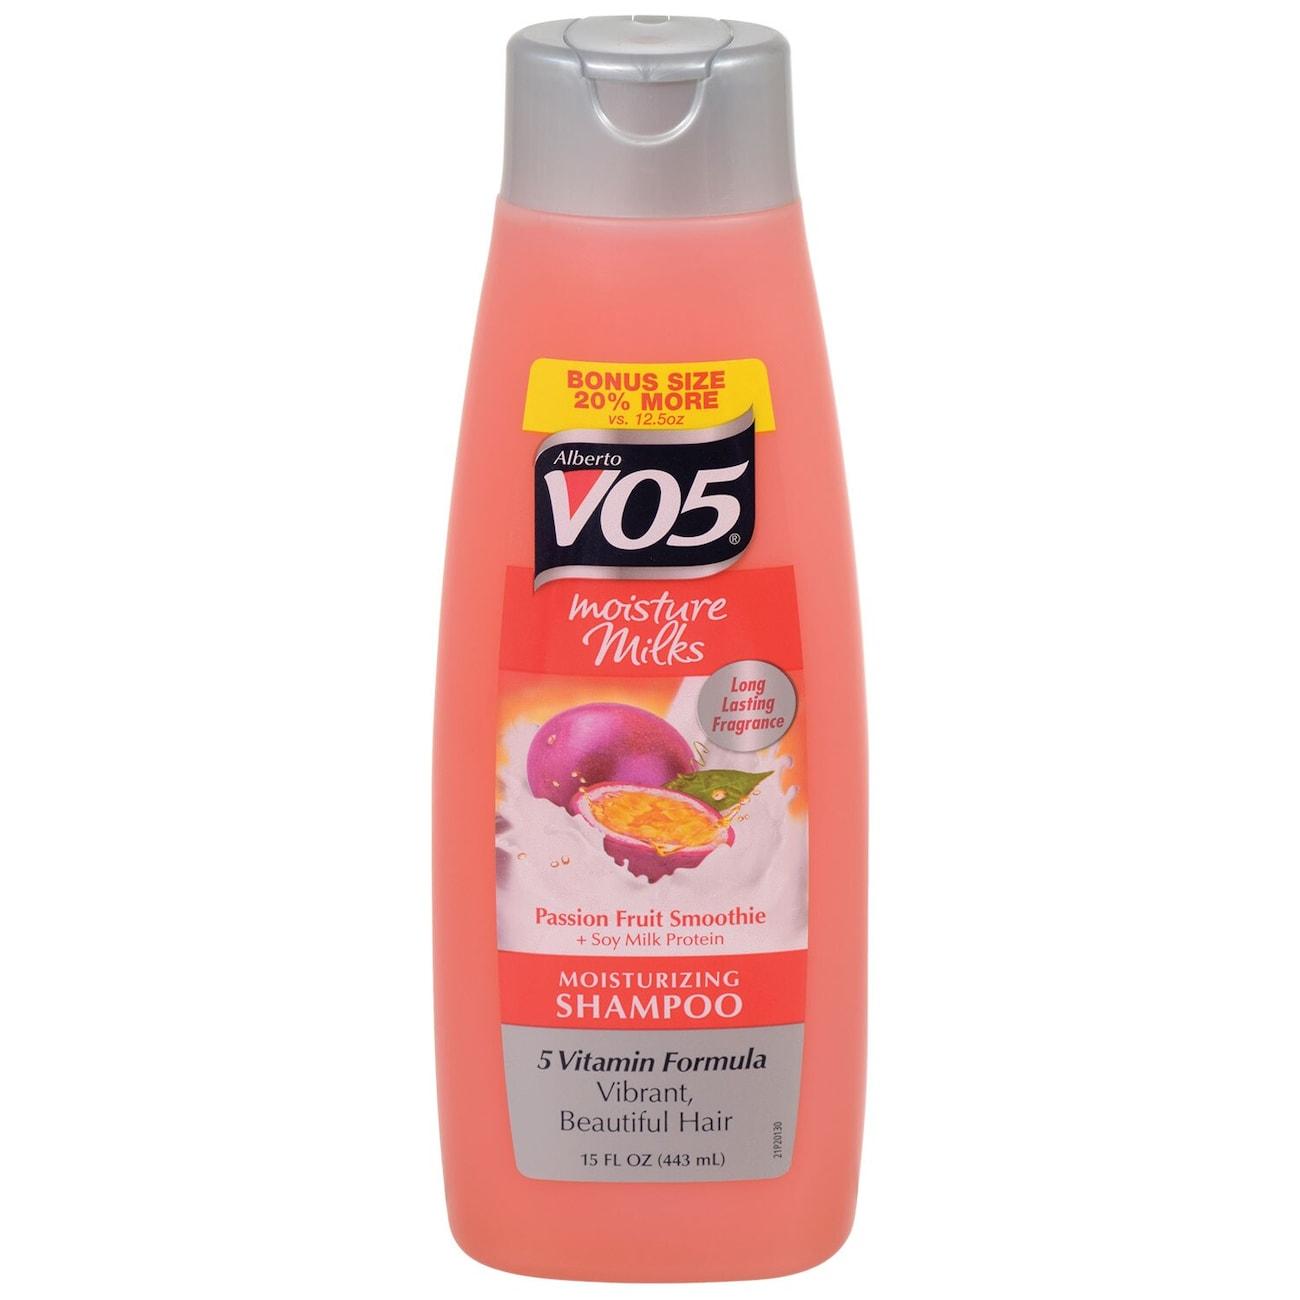 Shampoo For Color Treated Hair Dollar Tree Inc